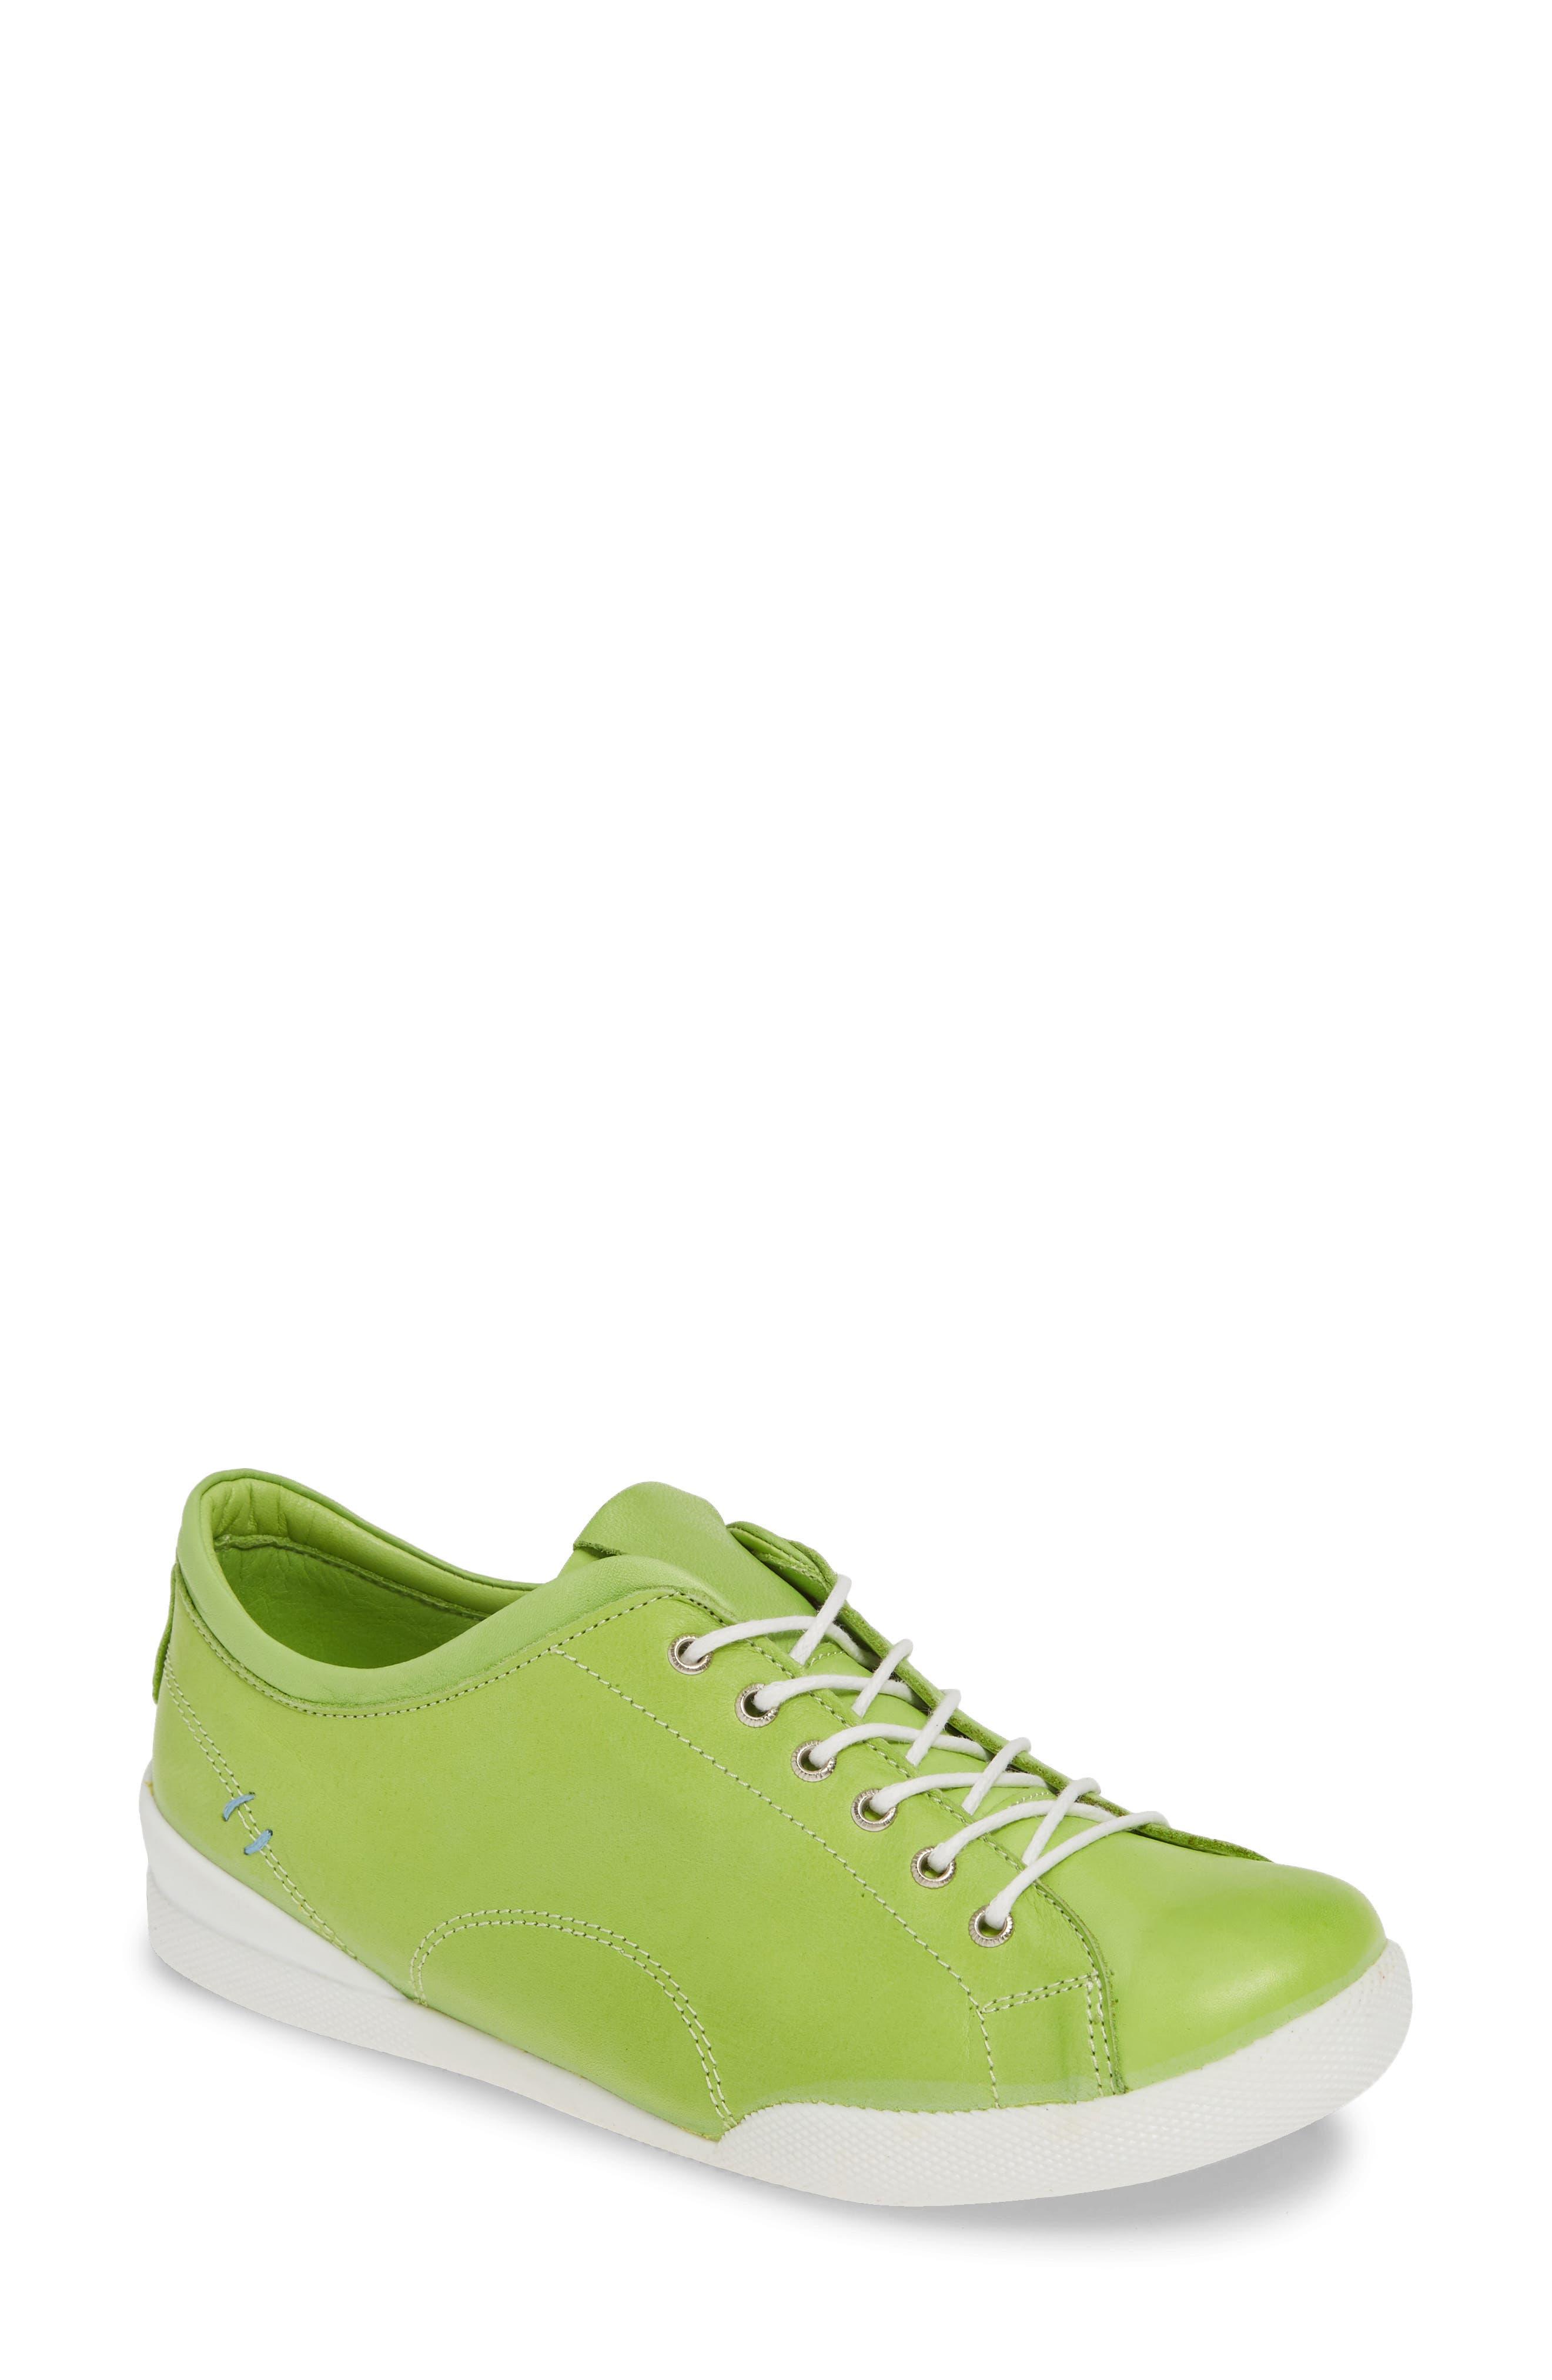 Sheridan Mia Abbey 2 Sneaker, Green